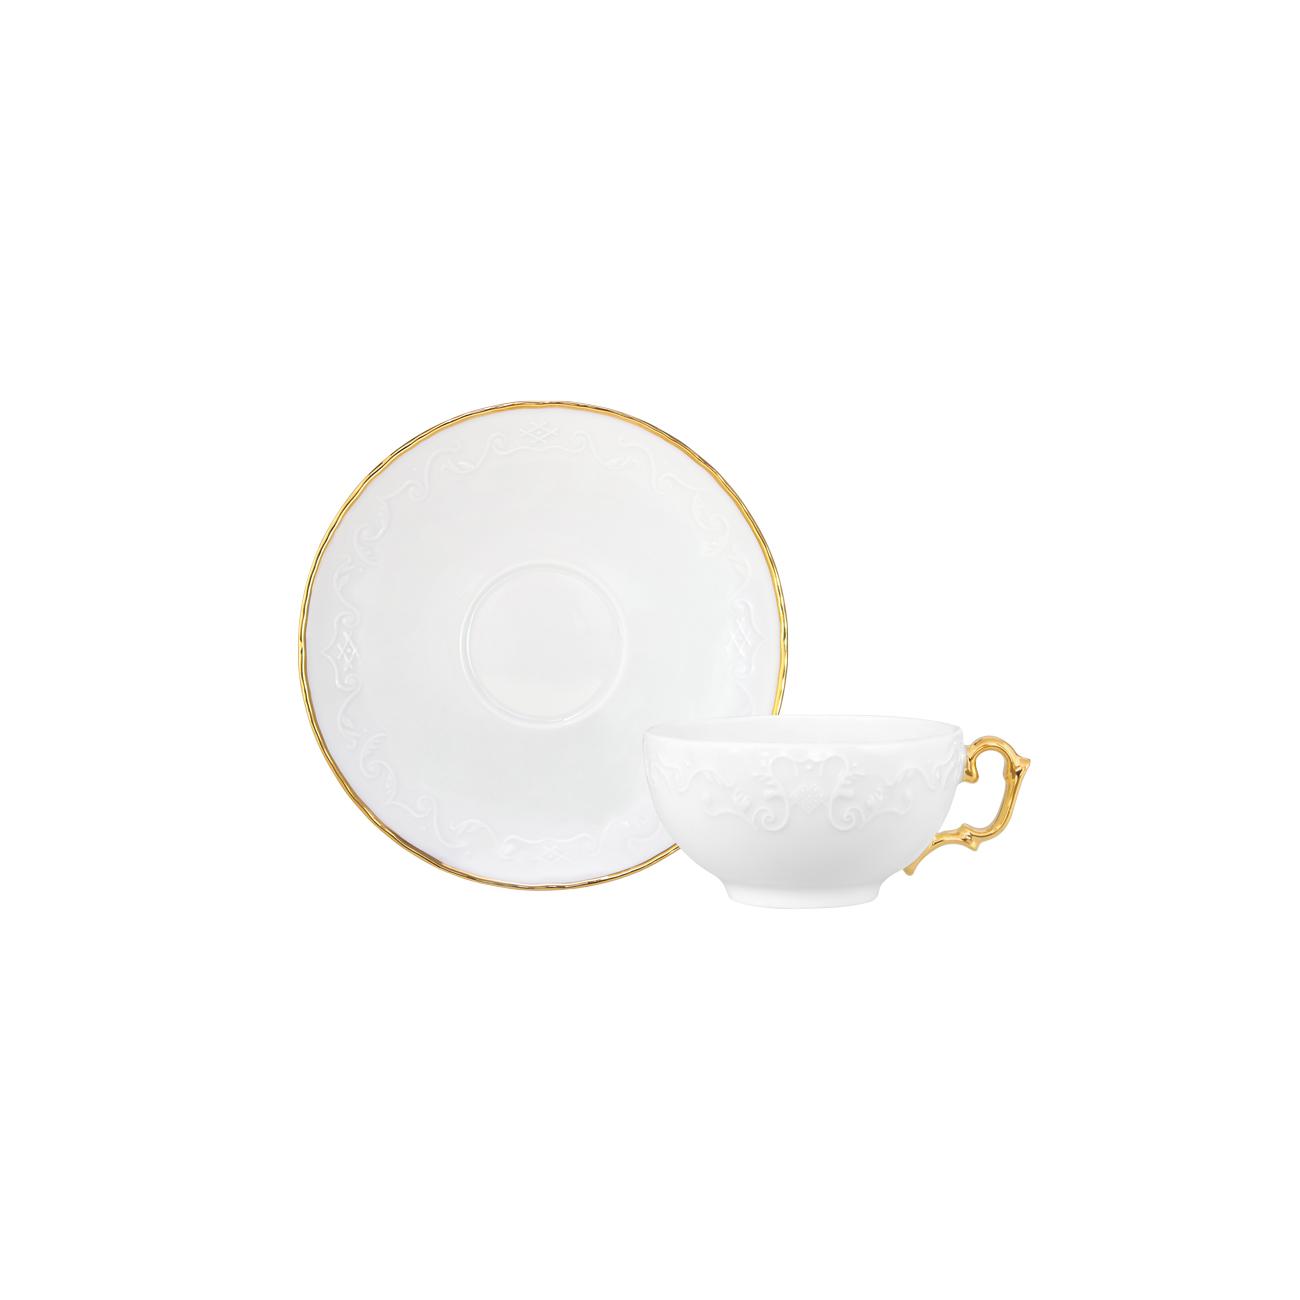 Pires Chá 15cm + Chávena Chá 25cl 0